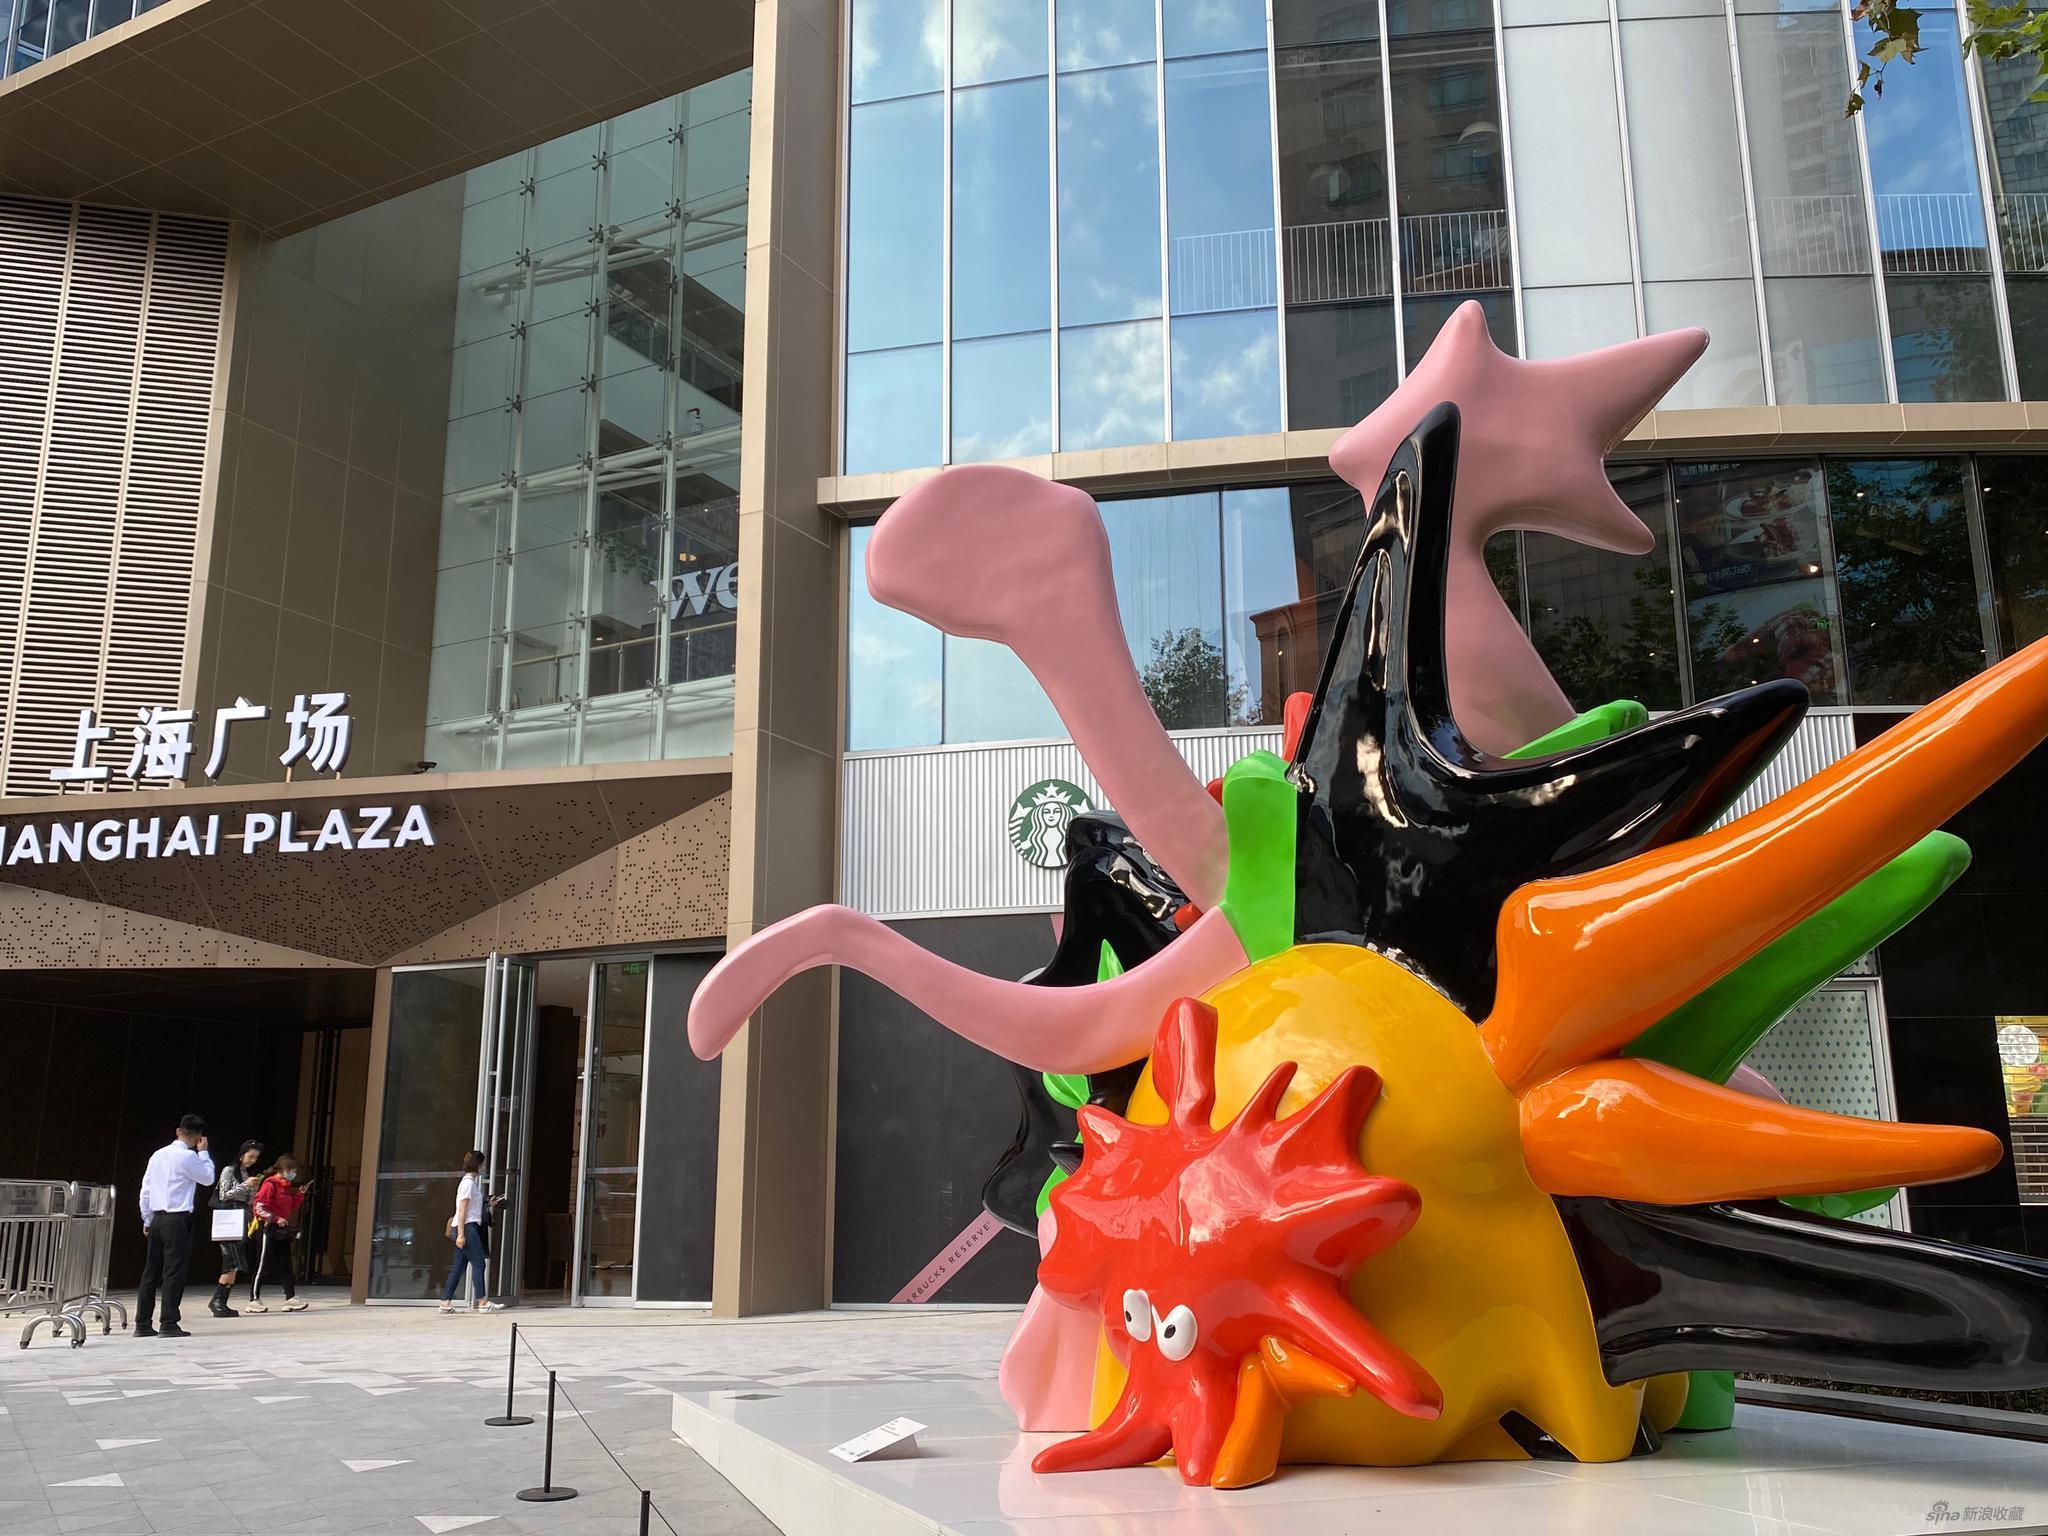 徐震®,《交流(挤压,拉伸,长高)》,2020,树脂、喷漆,500 x 615 x 380 cm